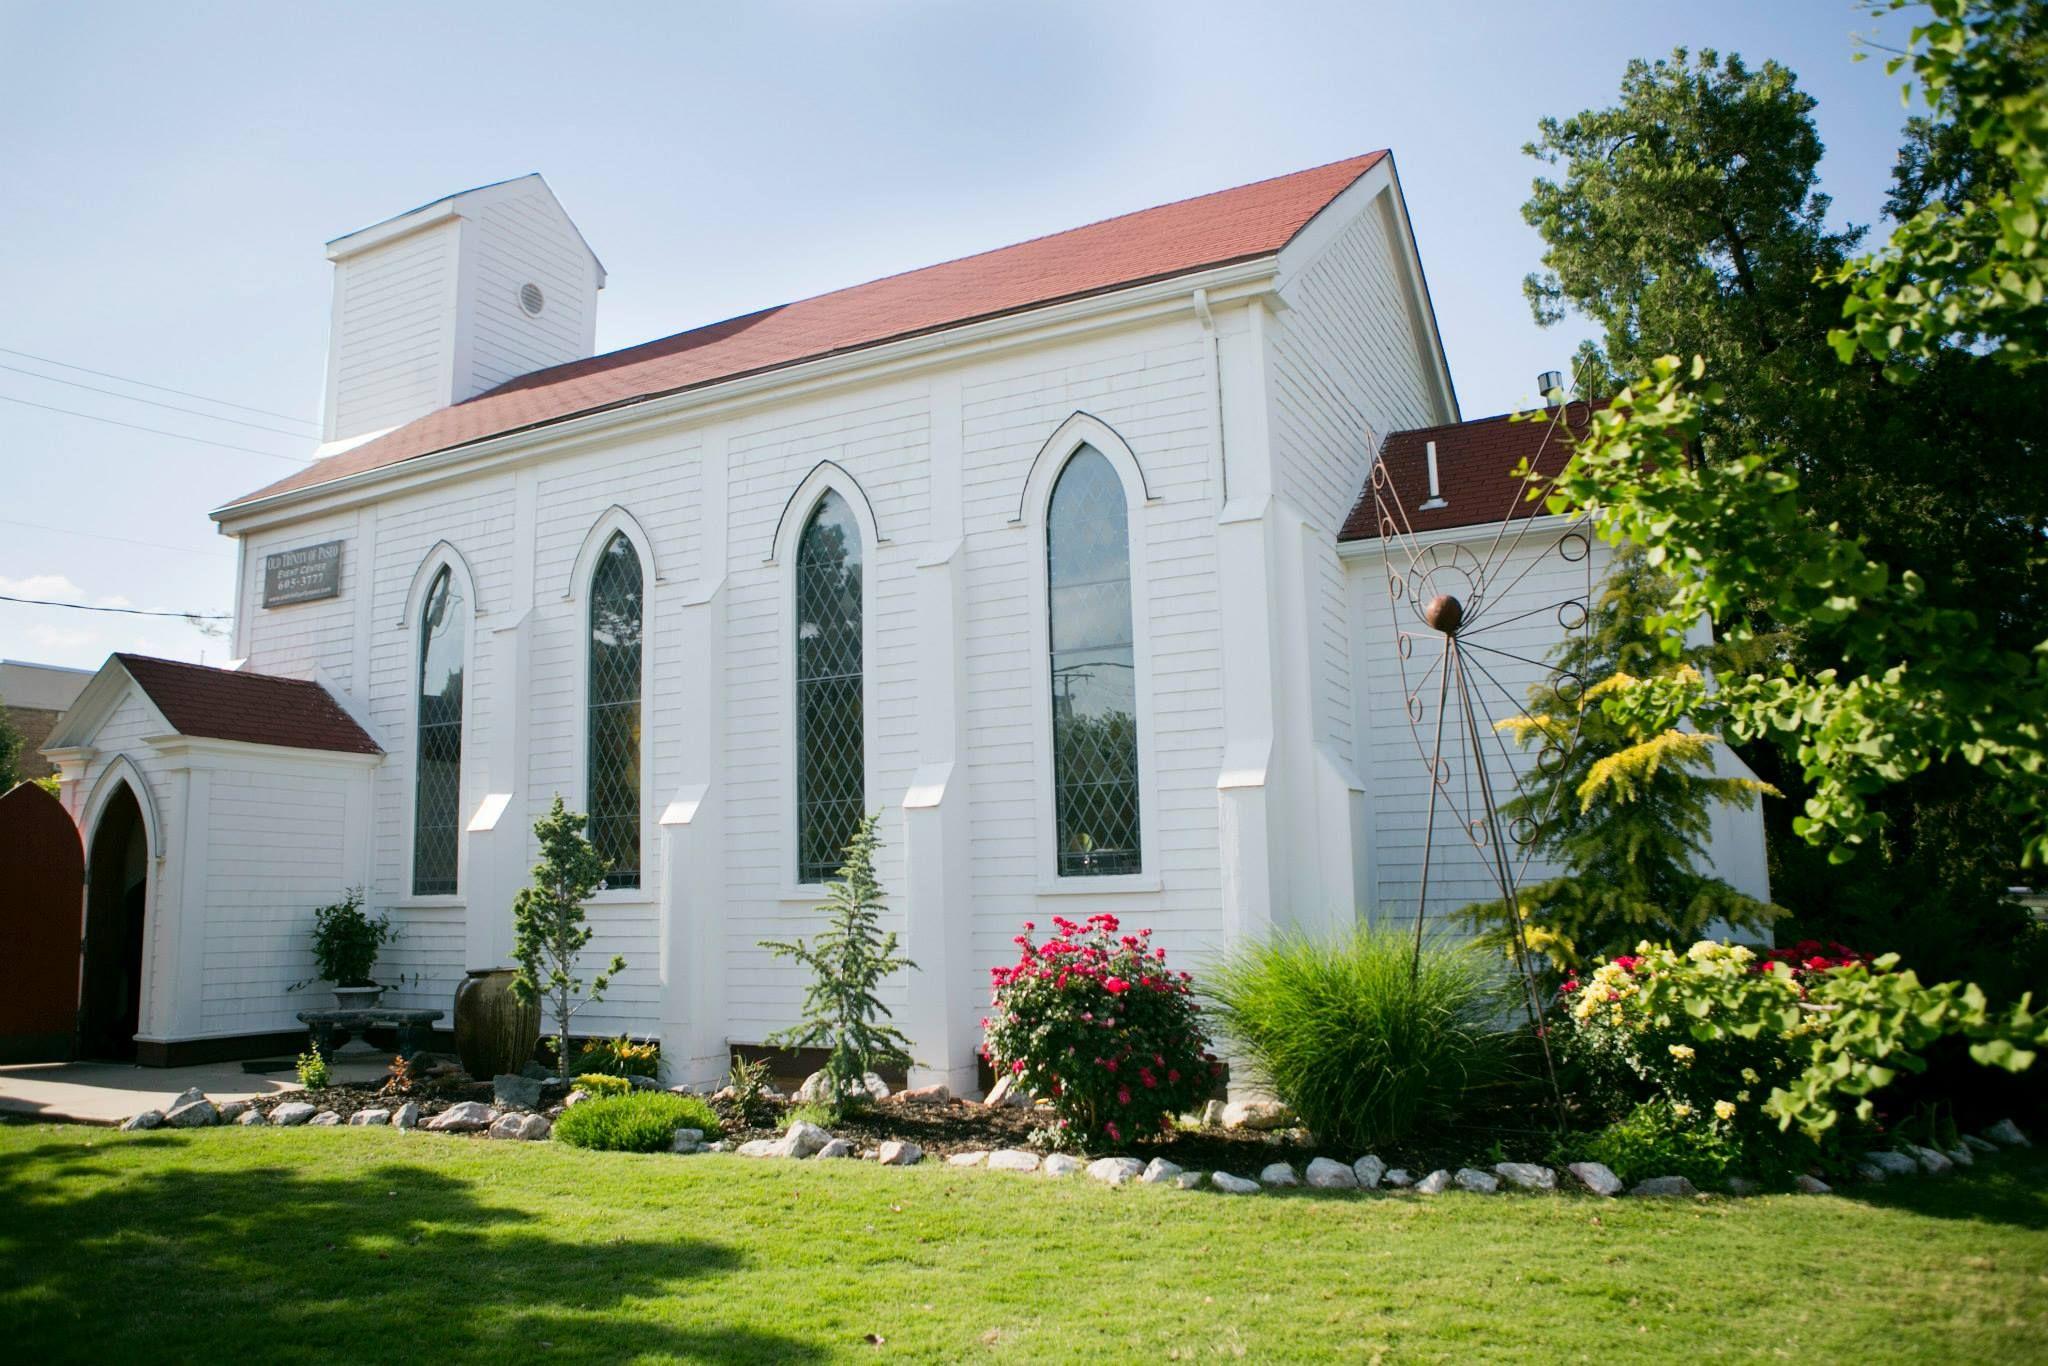 fe7f8a4c9a4bdf3acd0e46b45c2403ab - The Gardens Wedding Chapel Oklahoma City